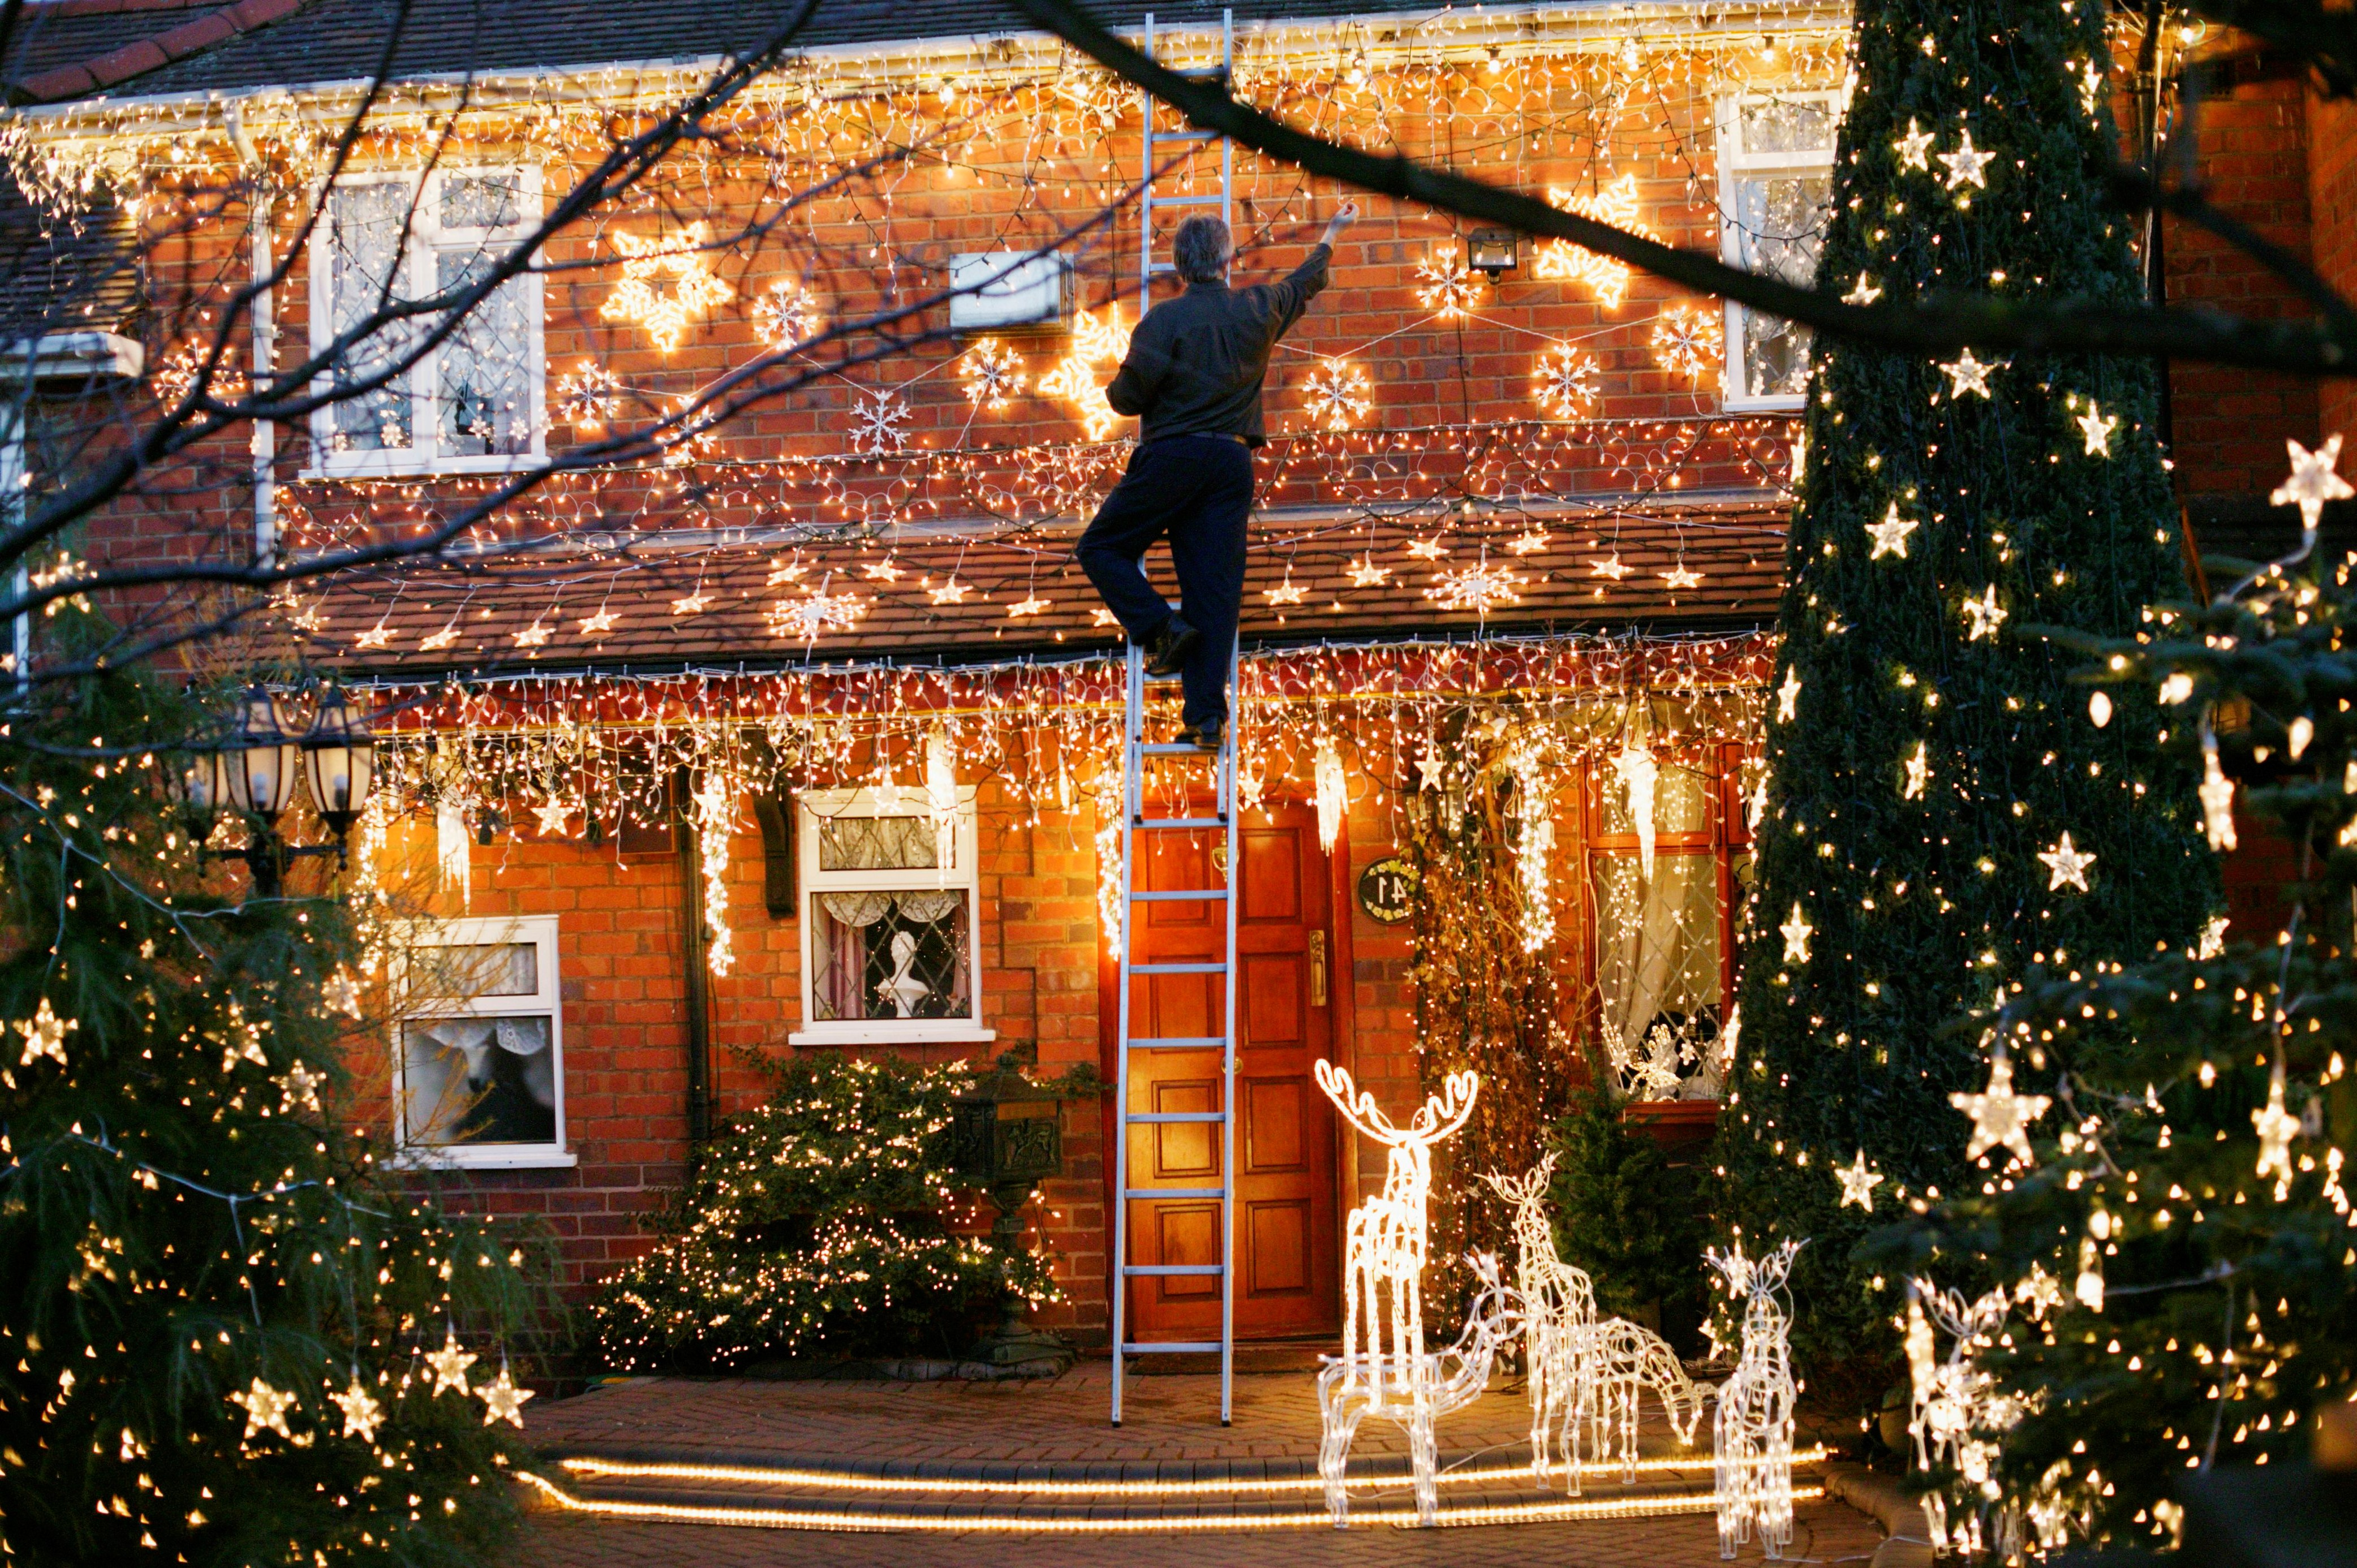 Cette décoration de Noël en plein air fera que les passagers s'arrêteront pour l'admirer!